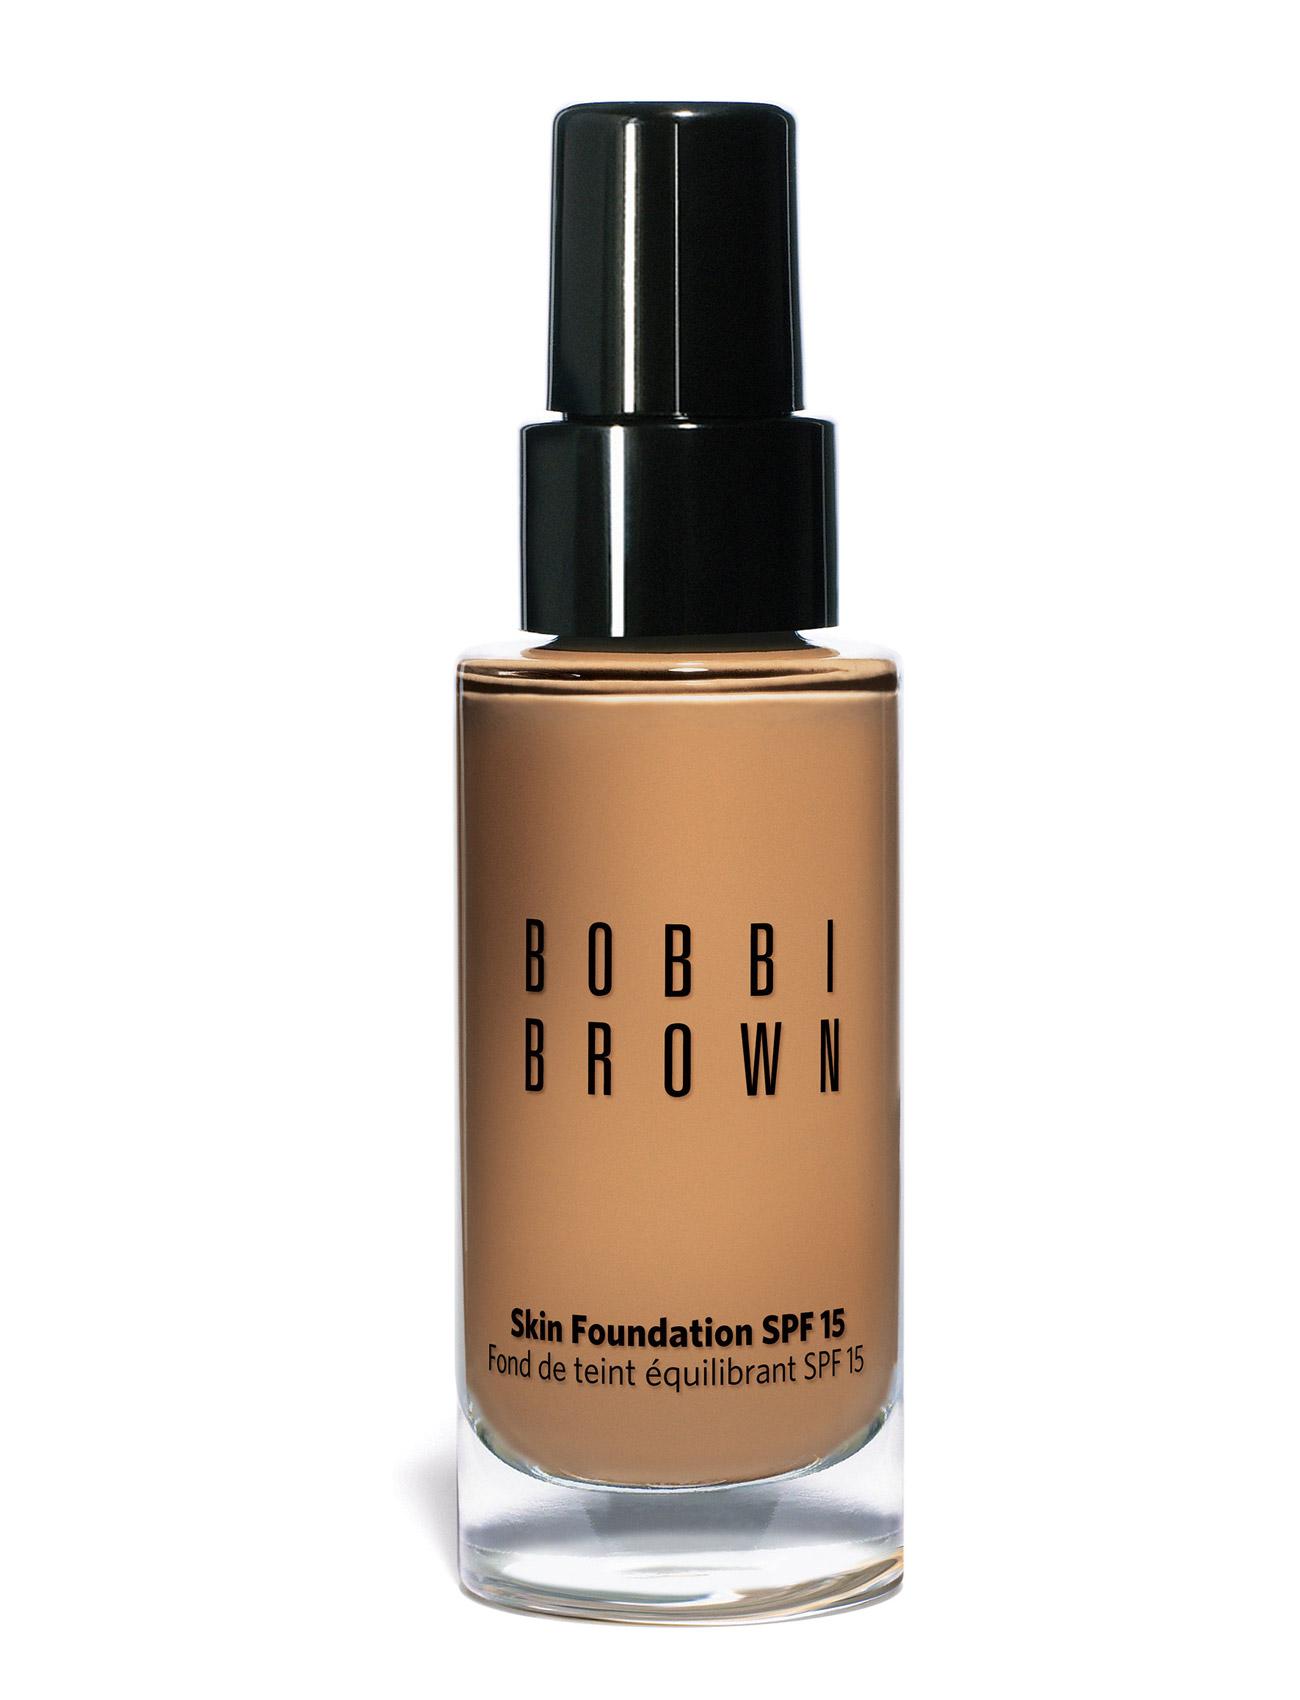 bobbi brown Skin foundation spf15, warm beige 3,5 på boozt.com dk